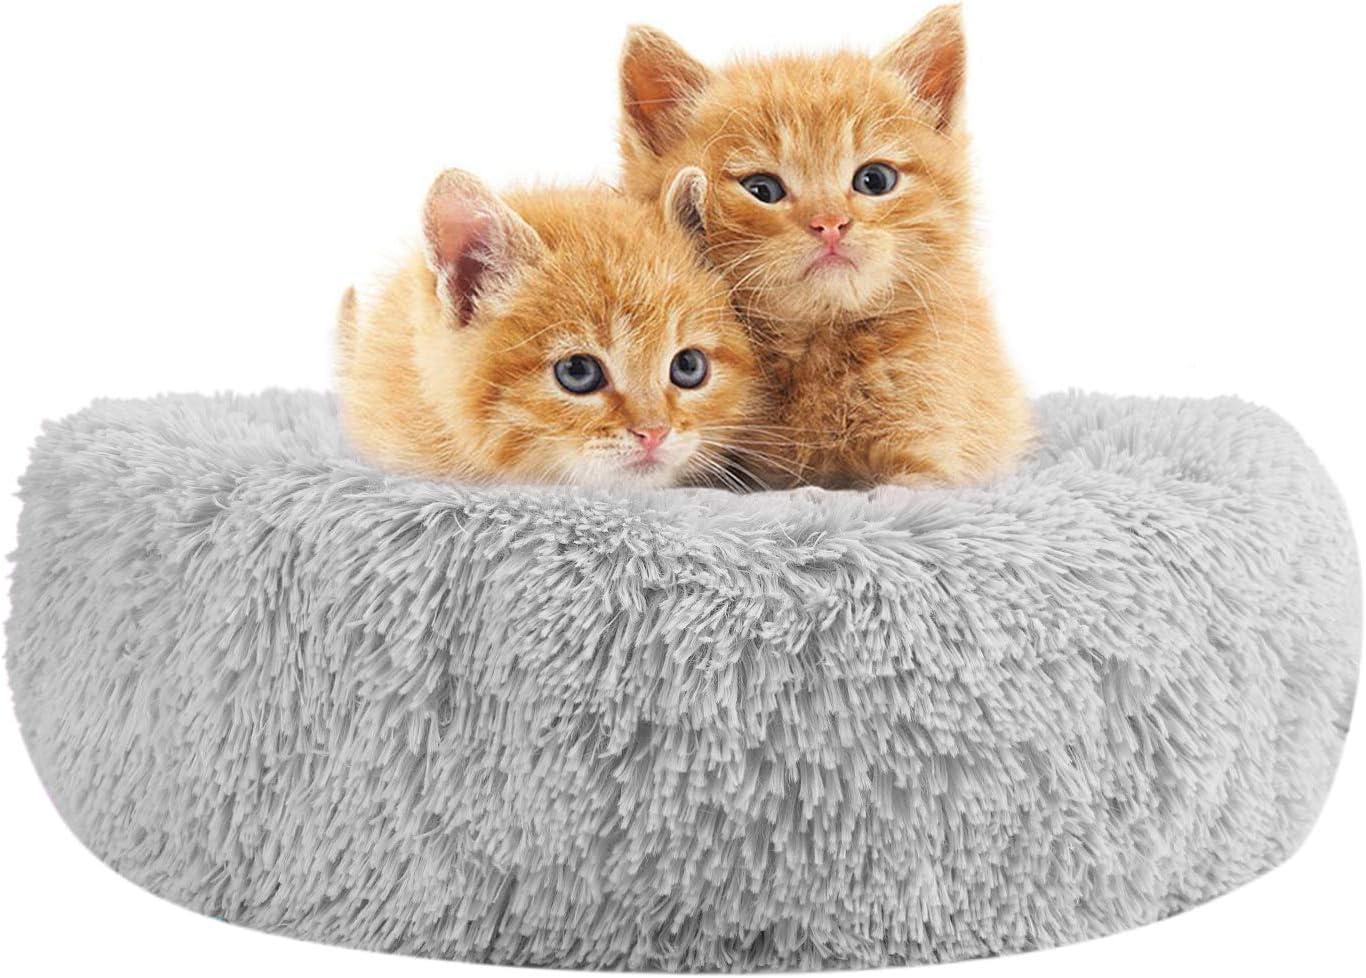 Cojín para perro, gato, de peluche suave, cálido, caseta pequeña, tamaño mediano, animal de compañía, cama, cama, colchón, cachorro, gato, sofá interior, bolsa de dormir